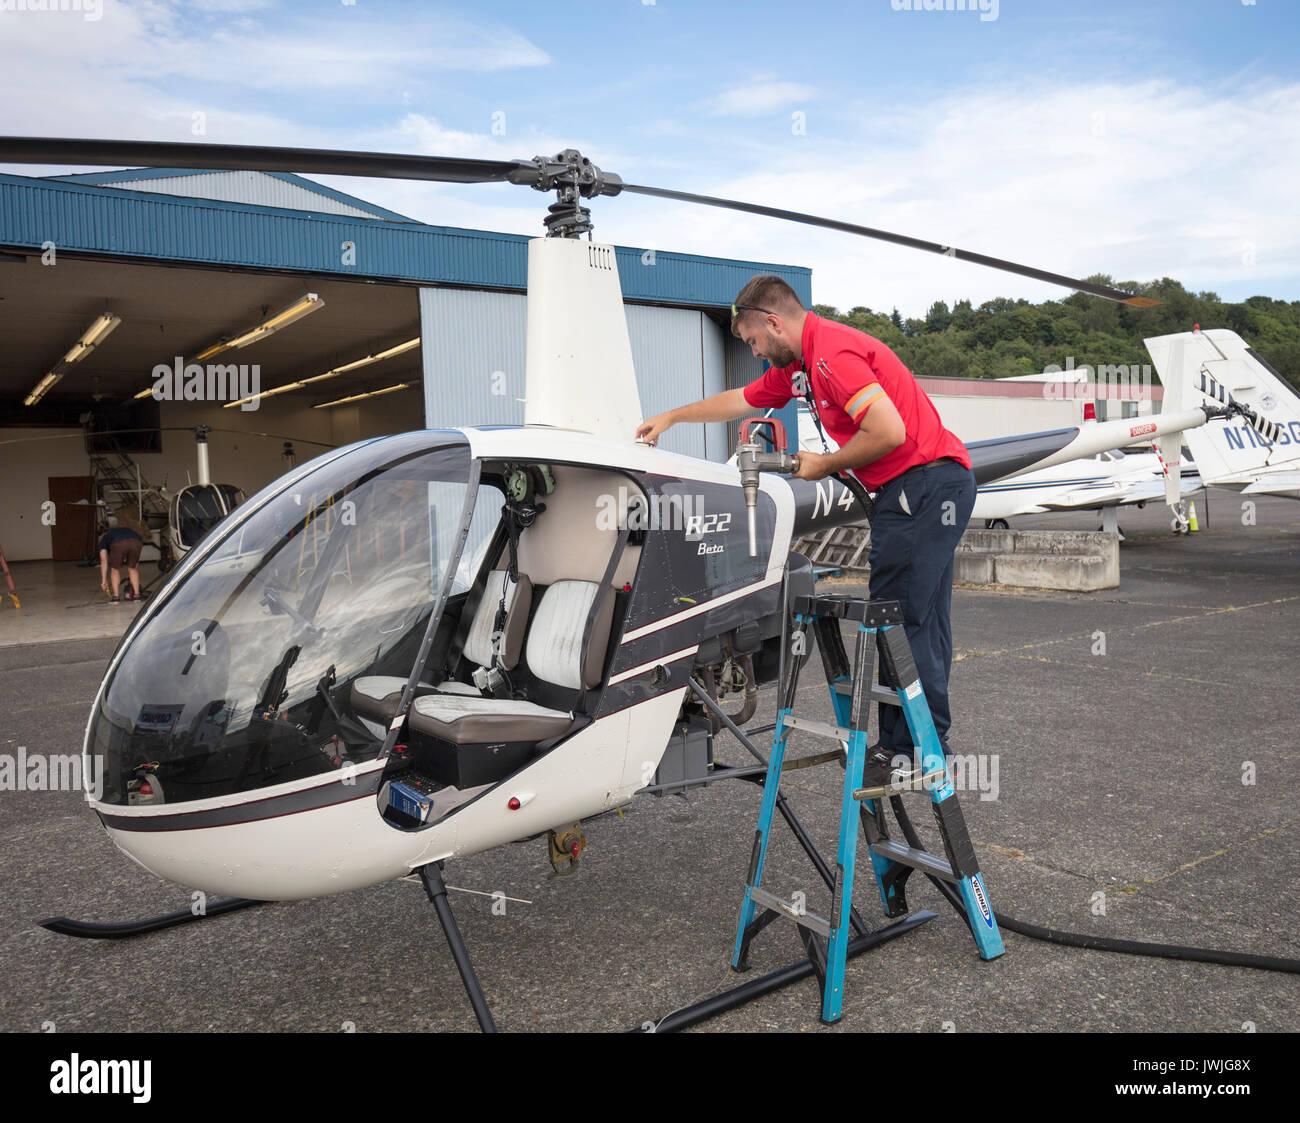 Elicottero R22 : L uomo il rifornimento robinson r elicottero boeing field